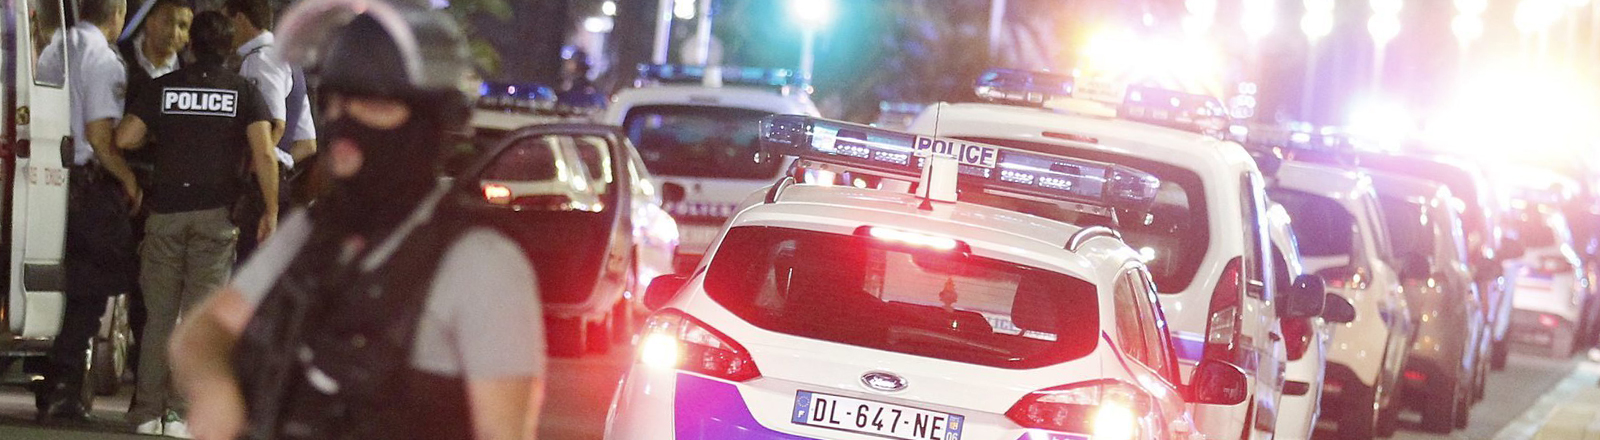 In der Nacht zum 15.07.2016 stehen Polizisten in Nizza.